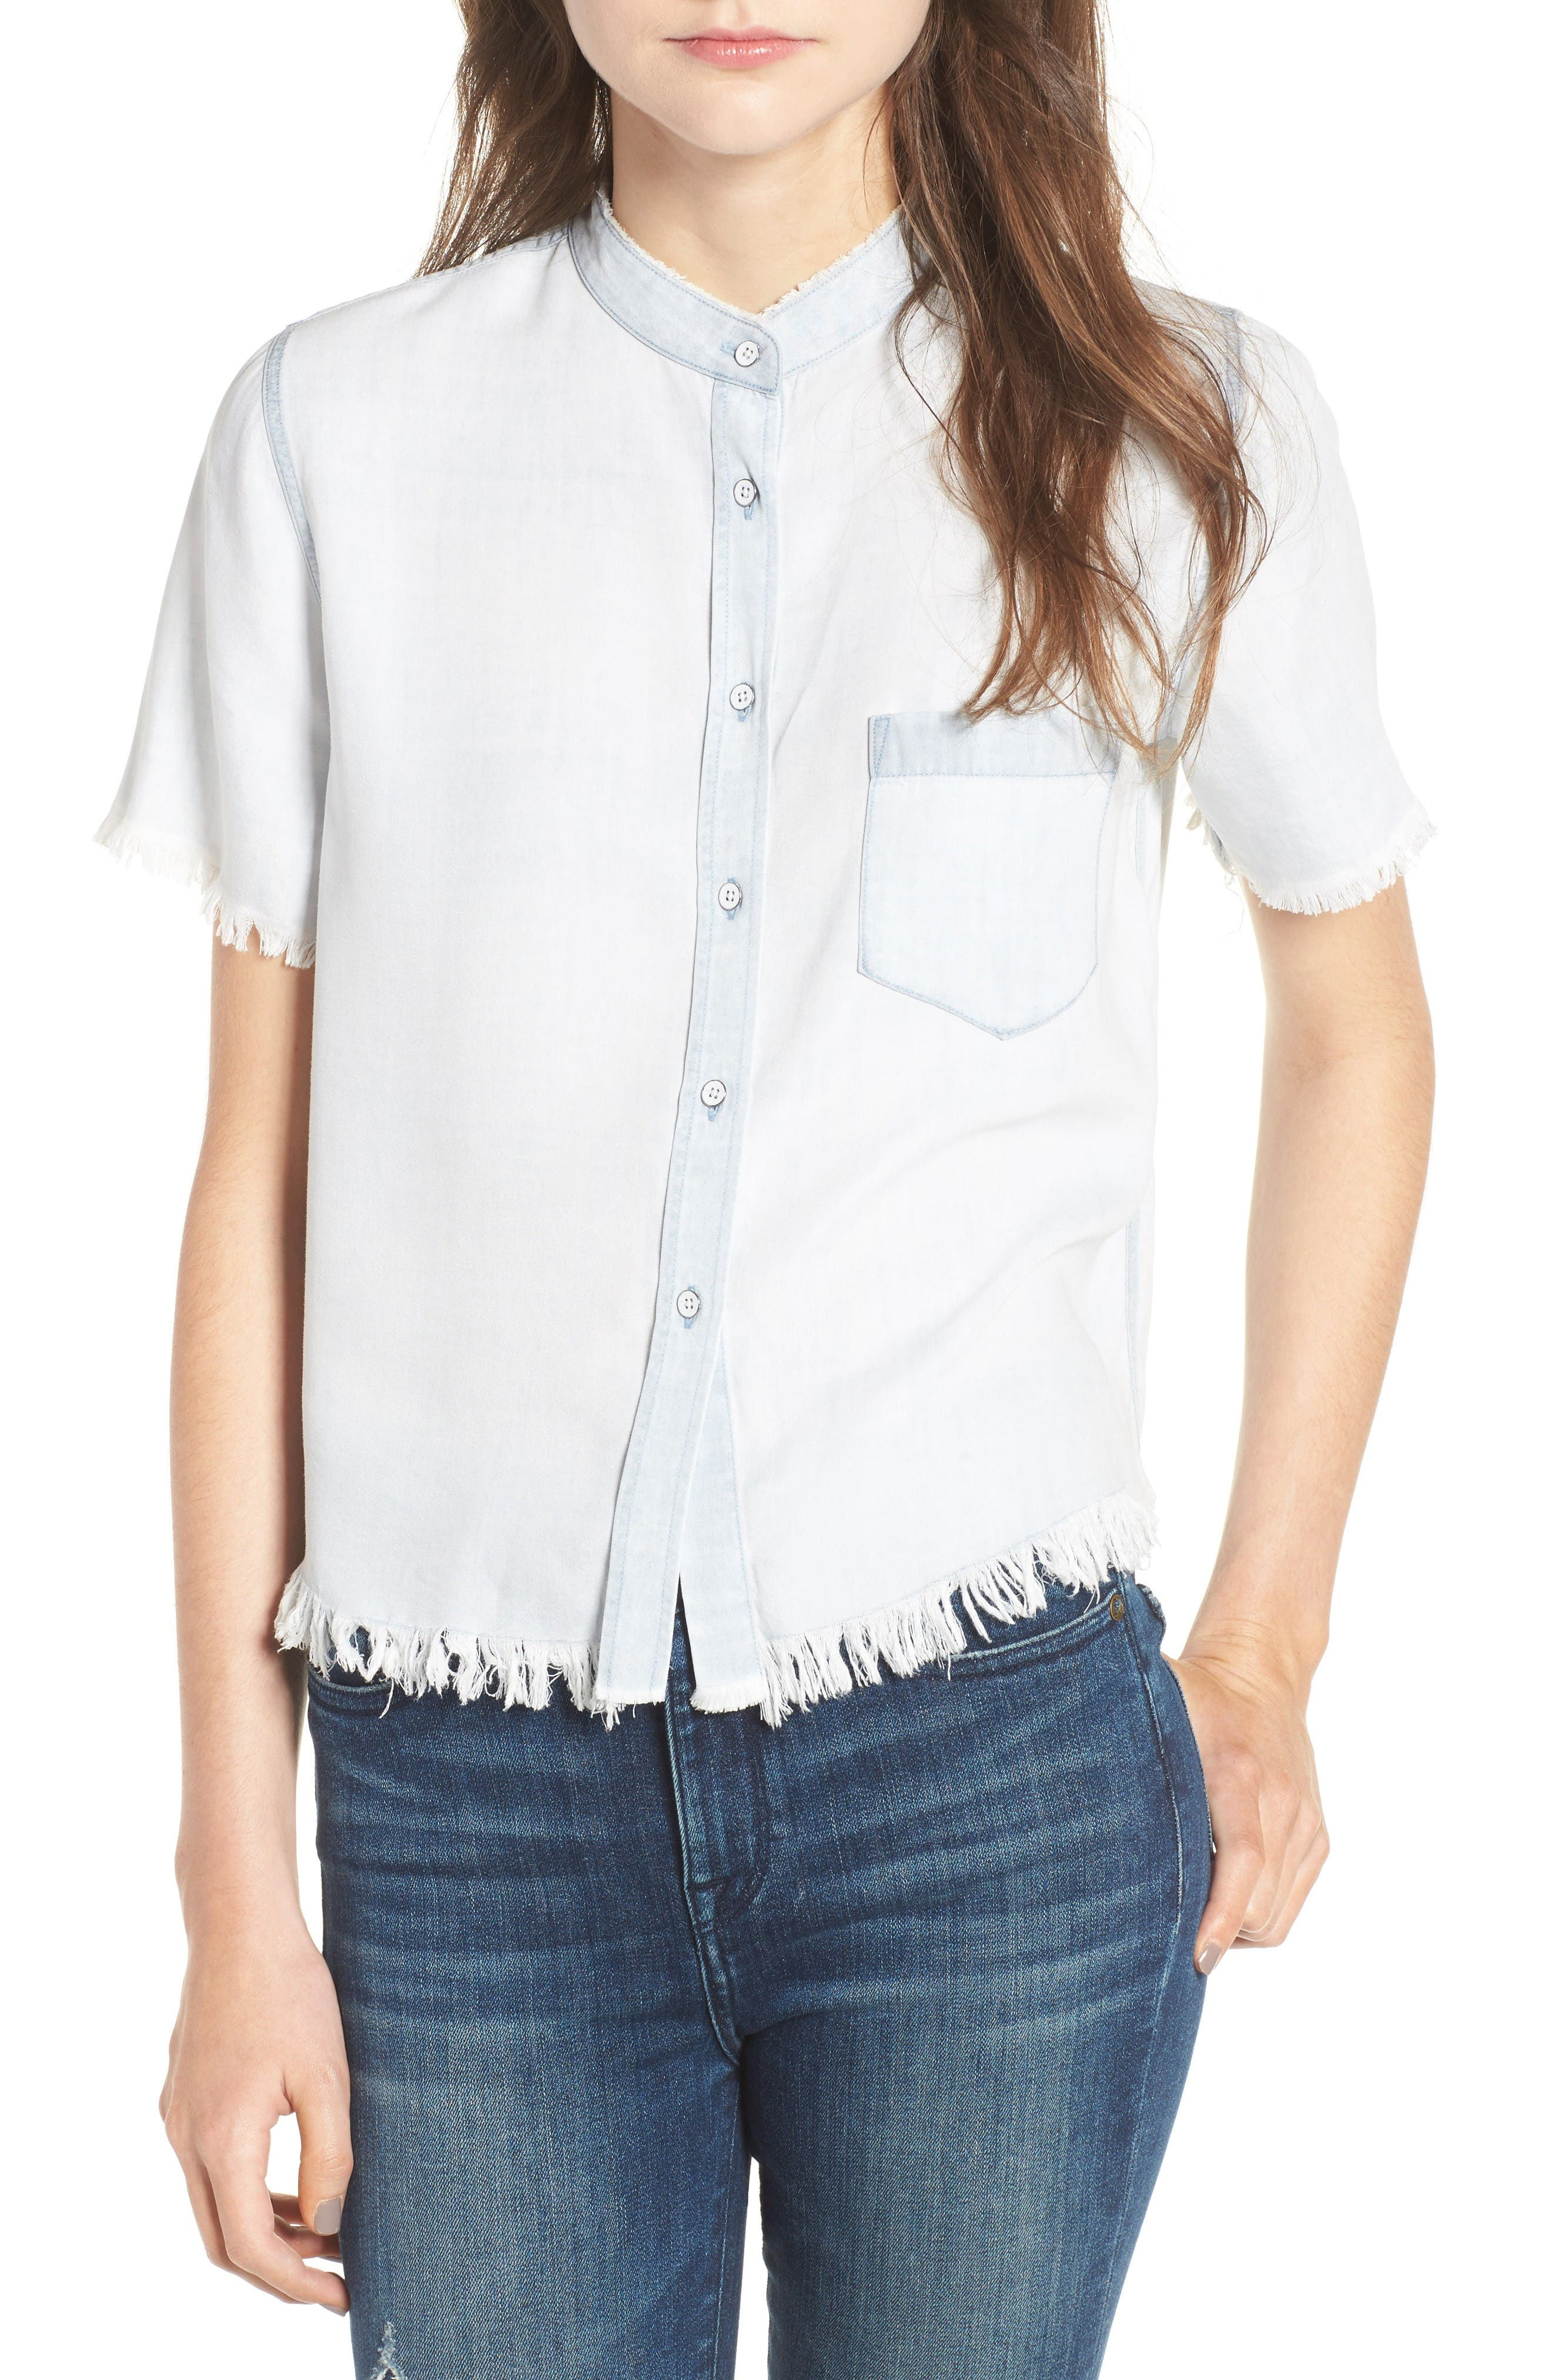 Main Image - DL1961 Montauk Shirt